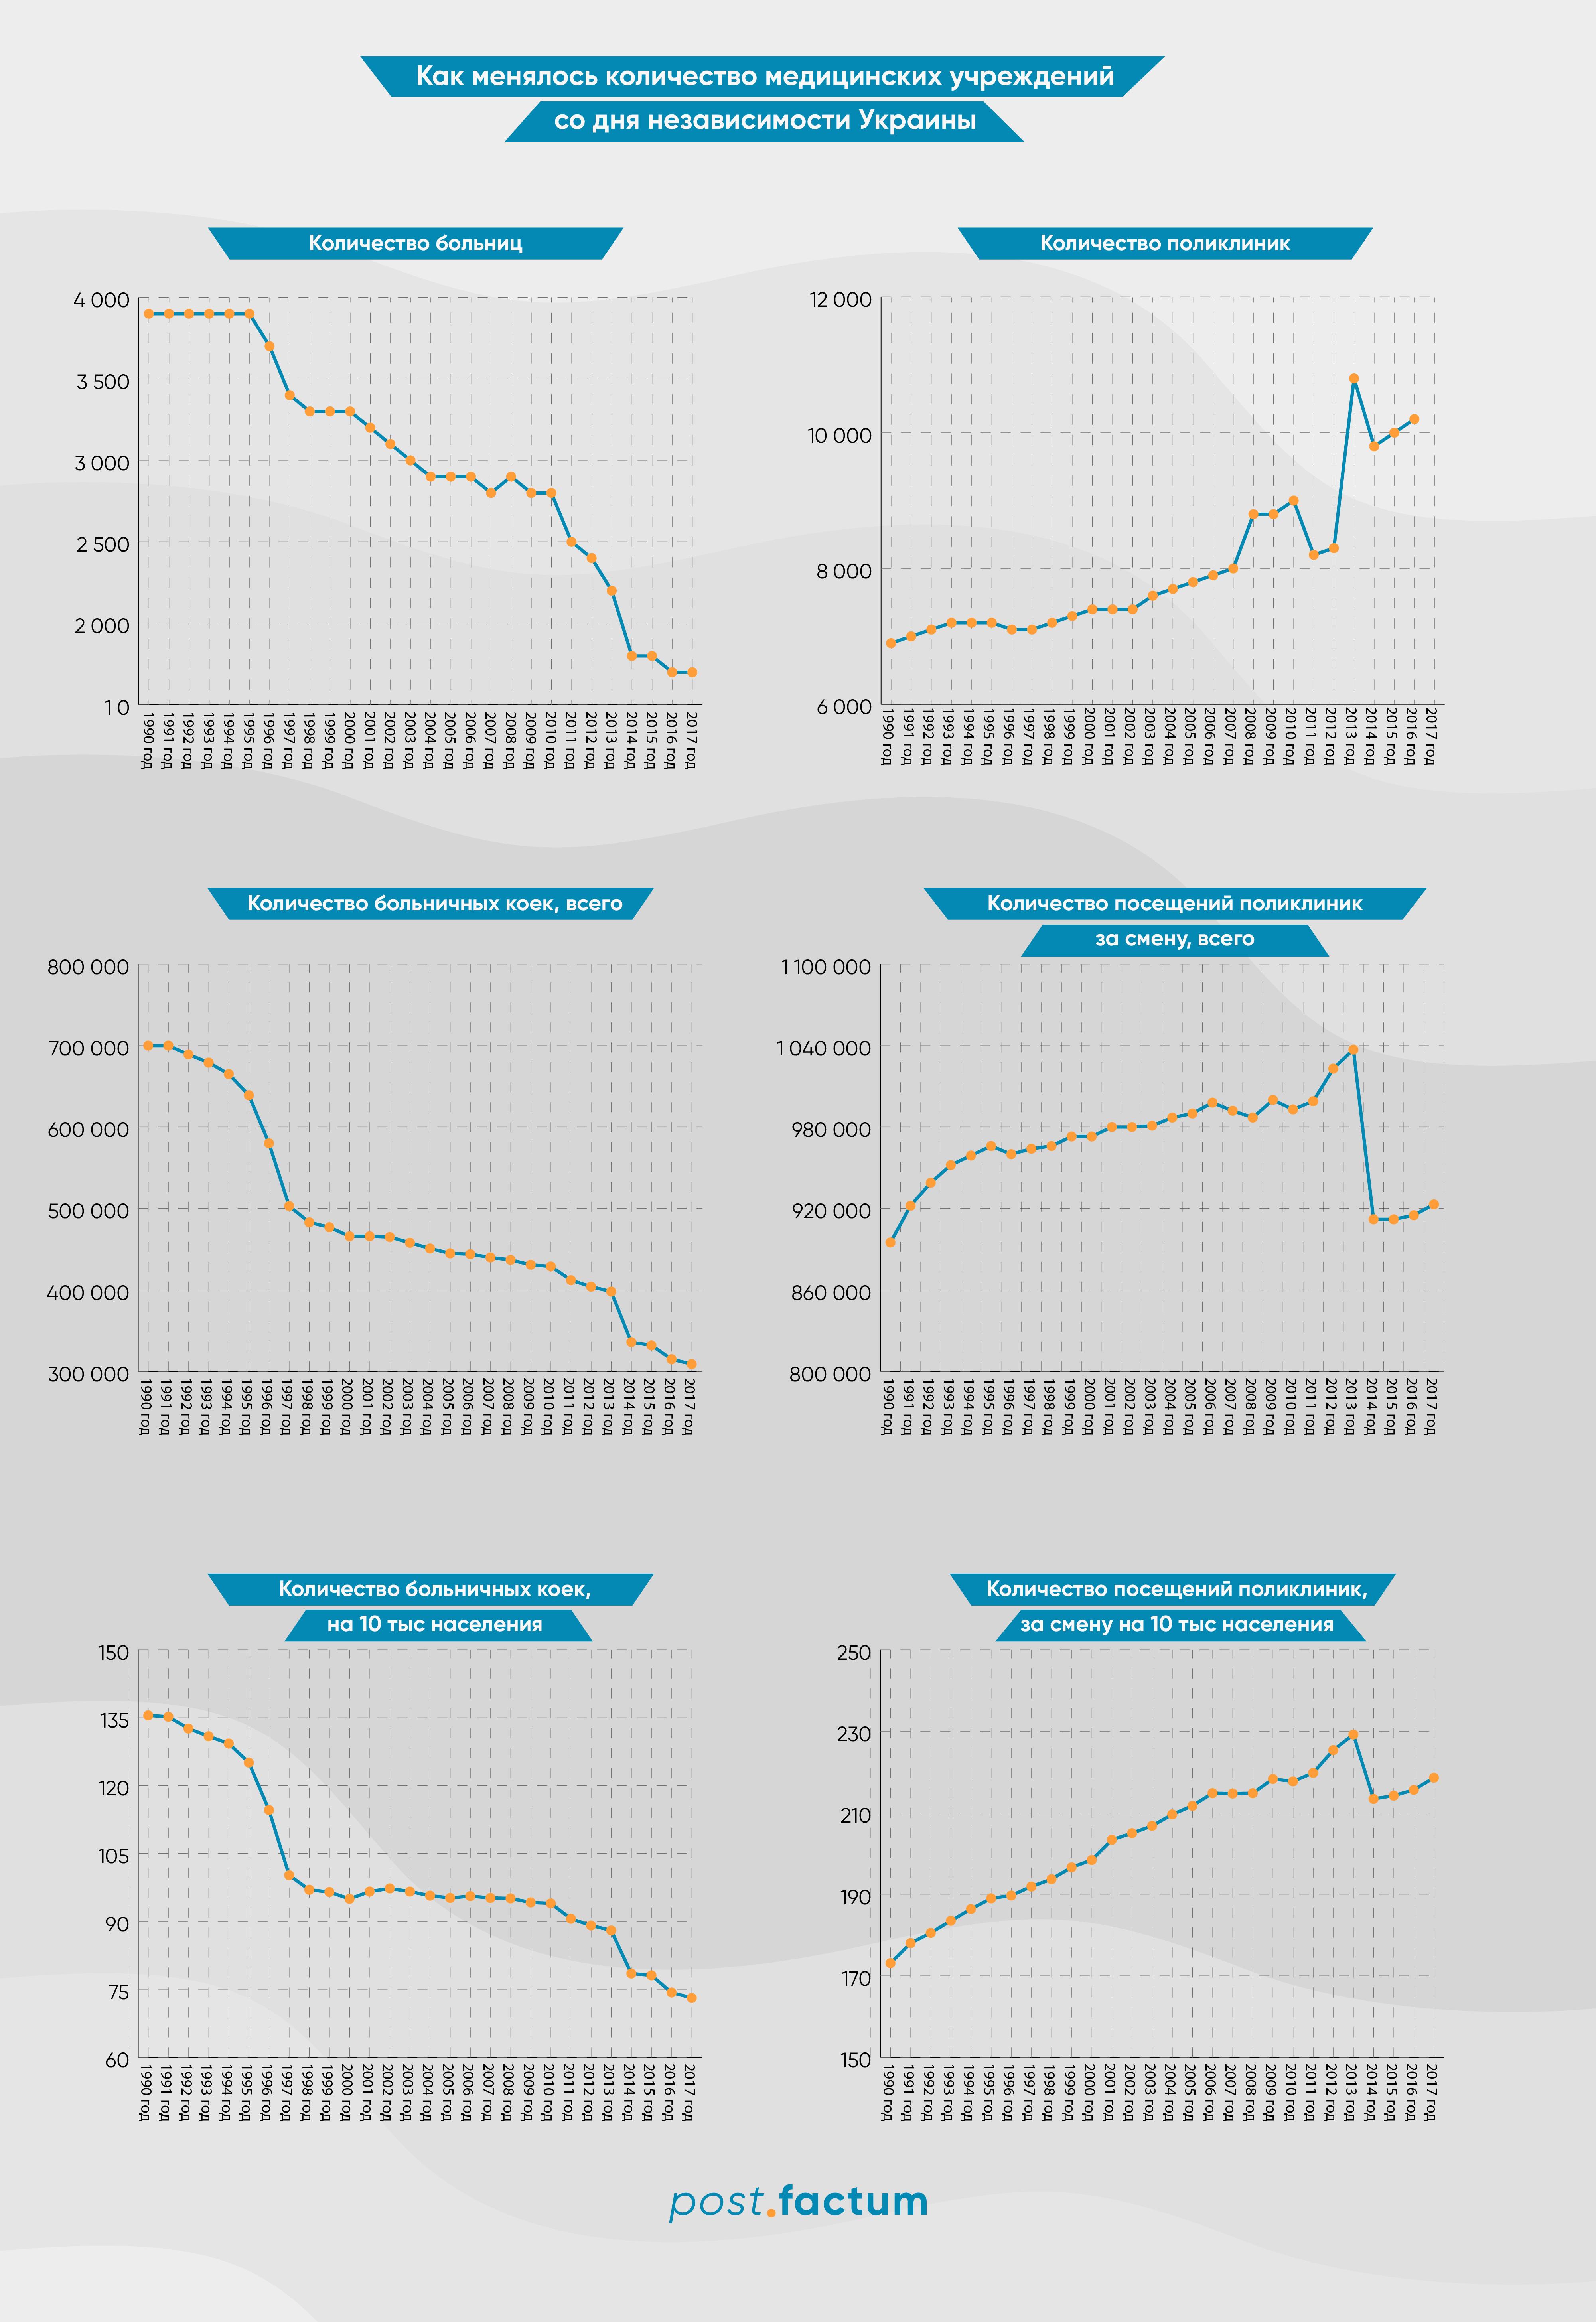 Инфографика: как изменилось количество больниц в Украине за время независимости — фото 1